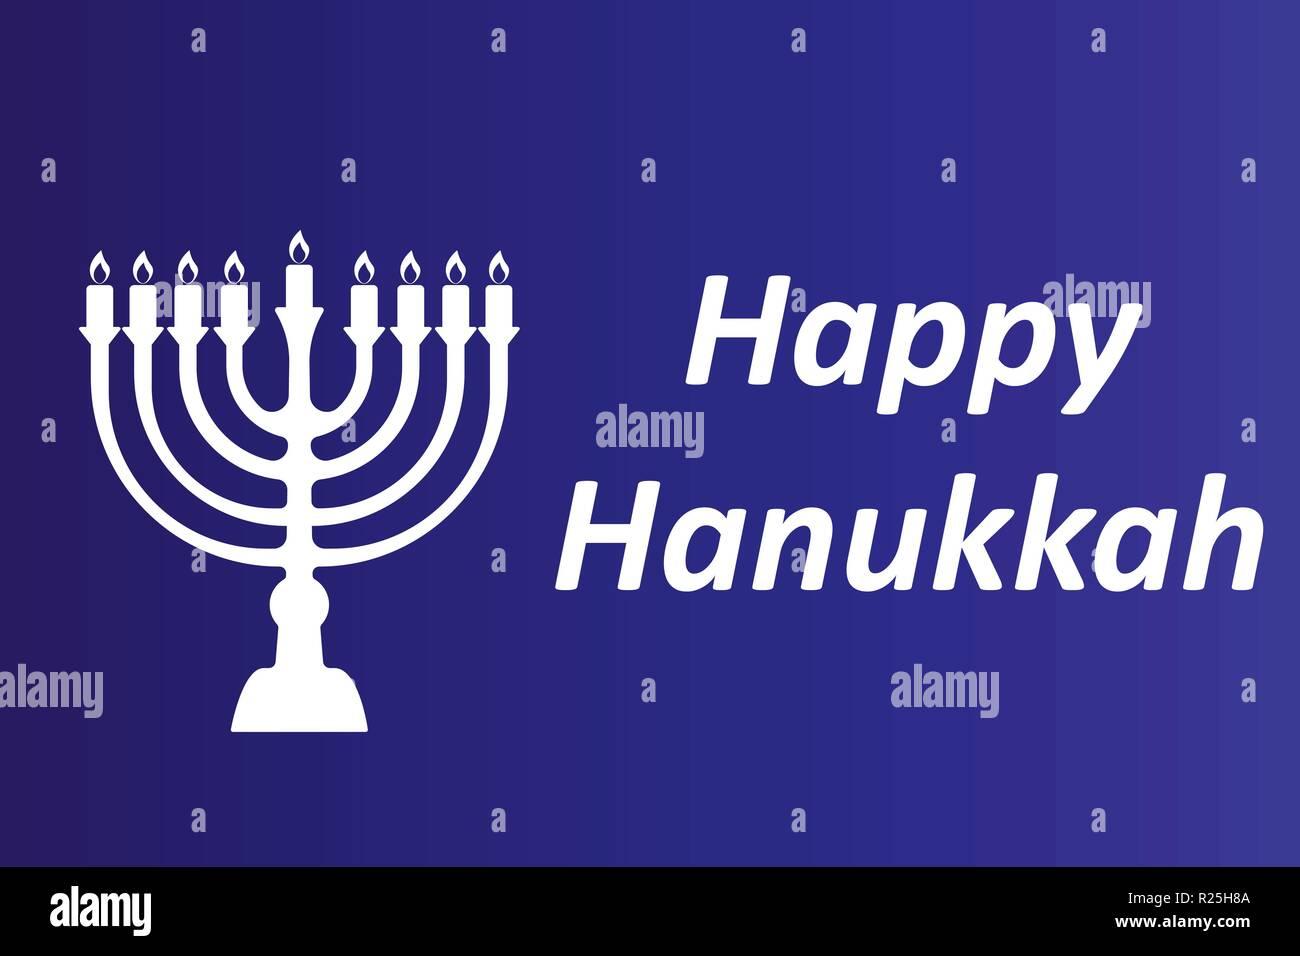 Hanukkah Typographic Vector Design - Happy Hanukkah. A - Stock Vector